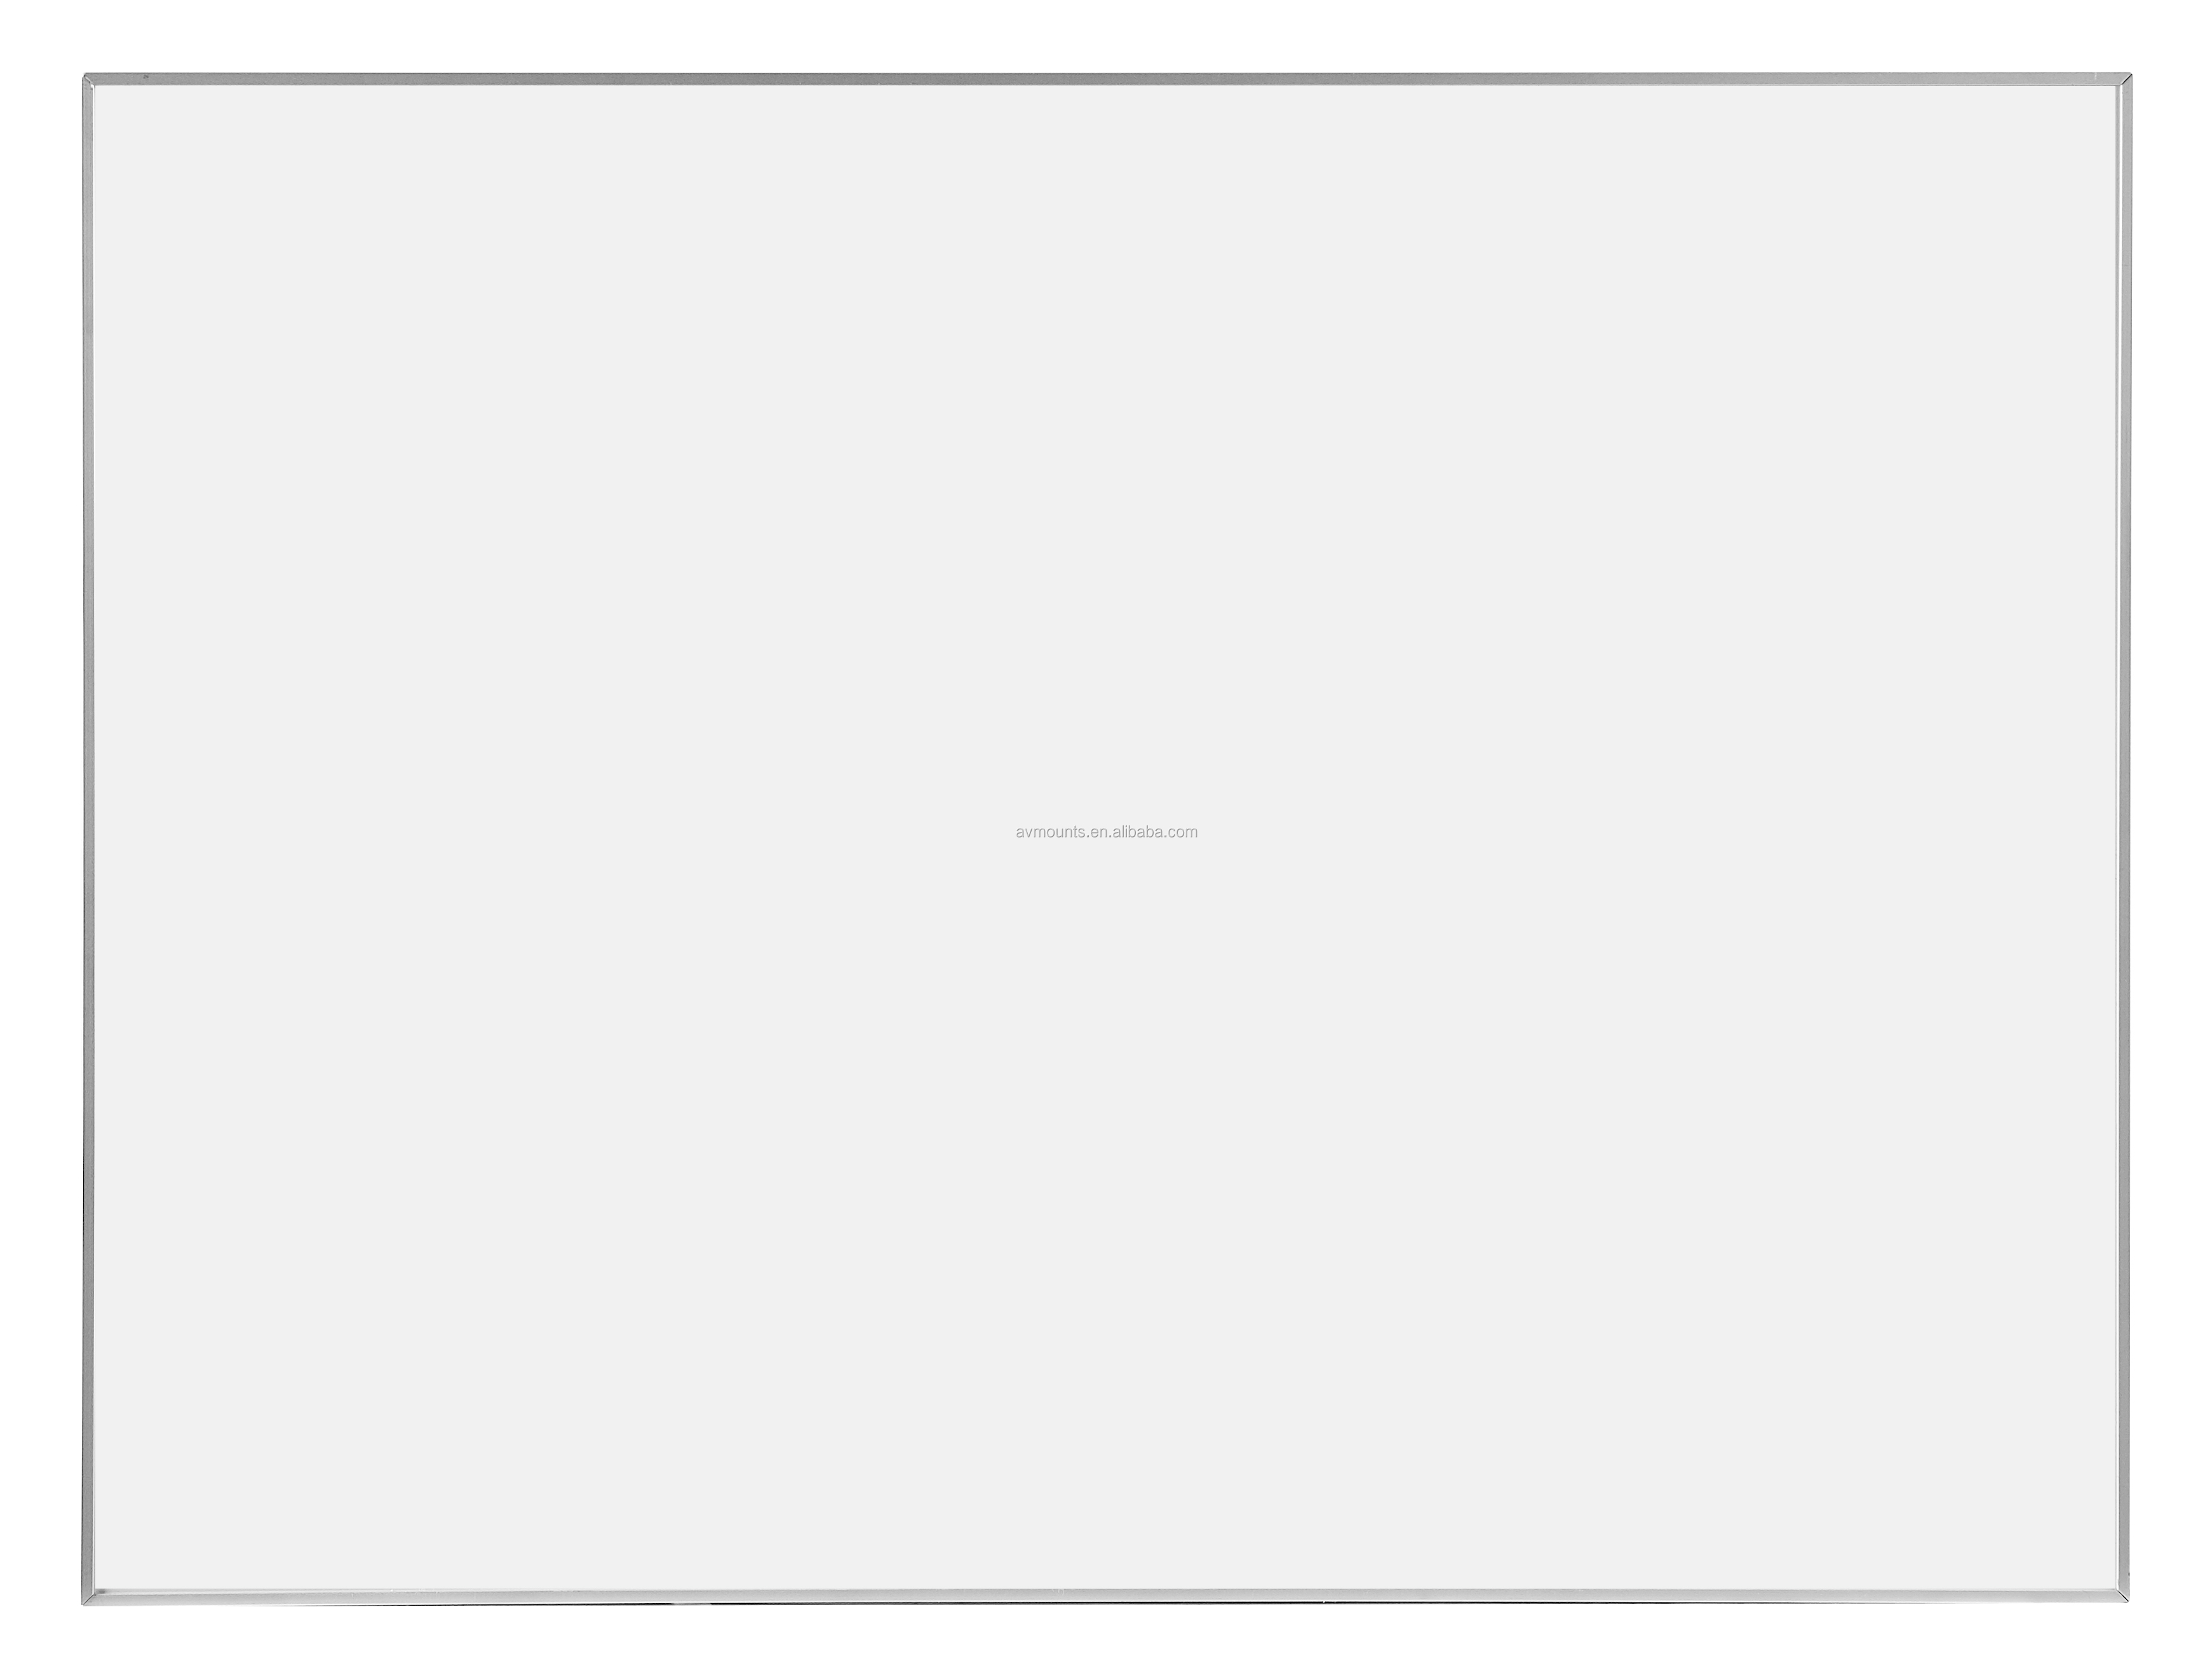 Двухсторонний мобильный Магнитный сухой стереть записи белая доска с подвижными металлическими роликами для школы и класса